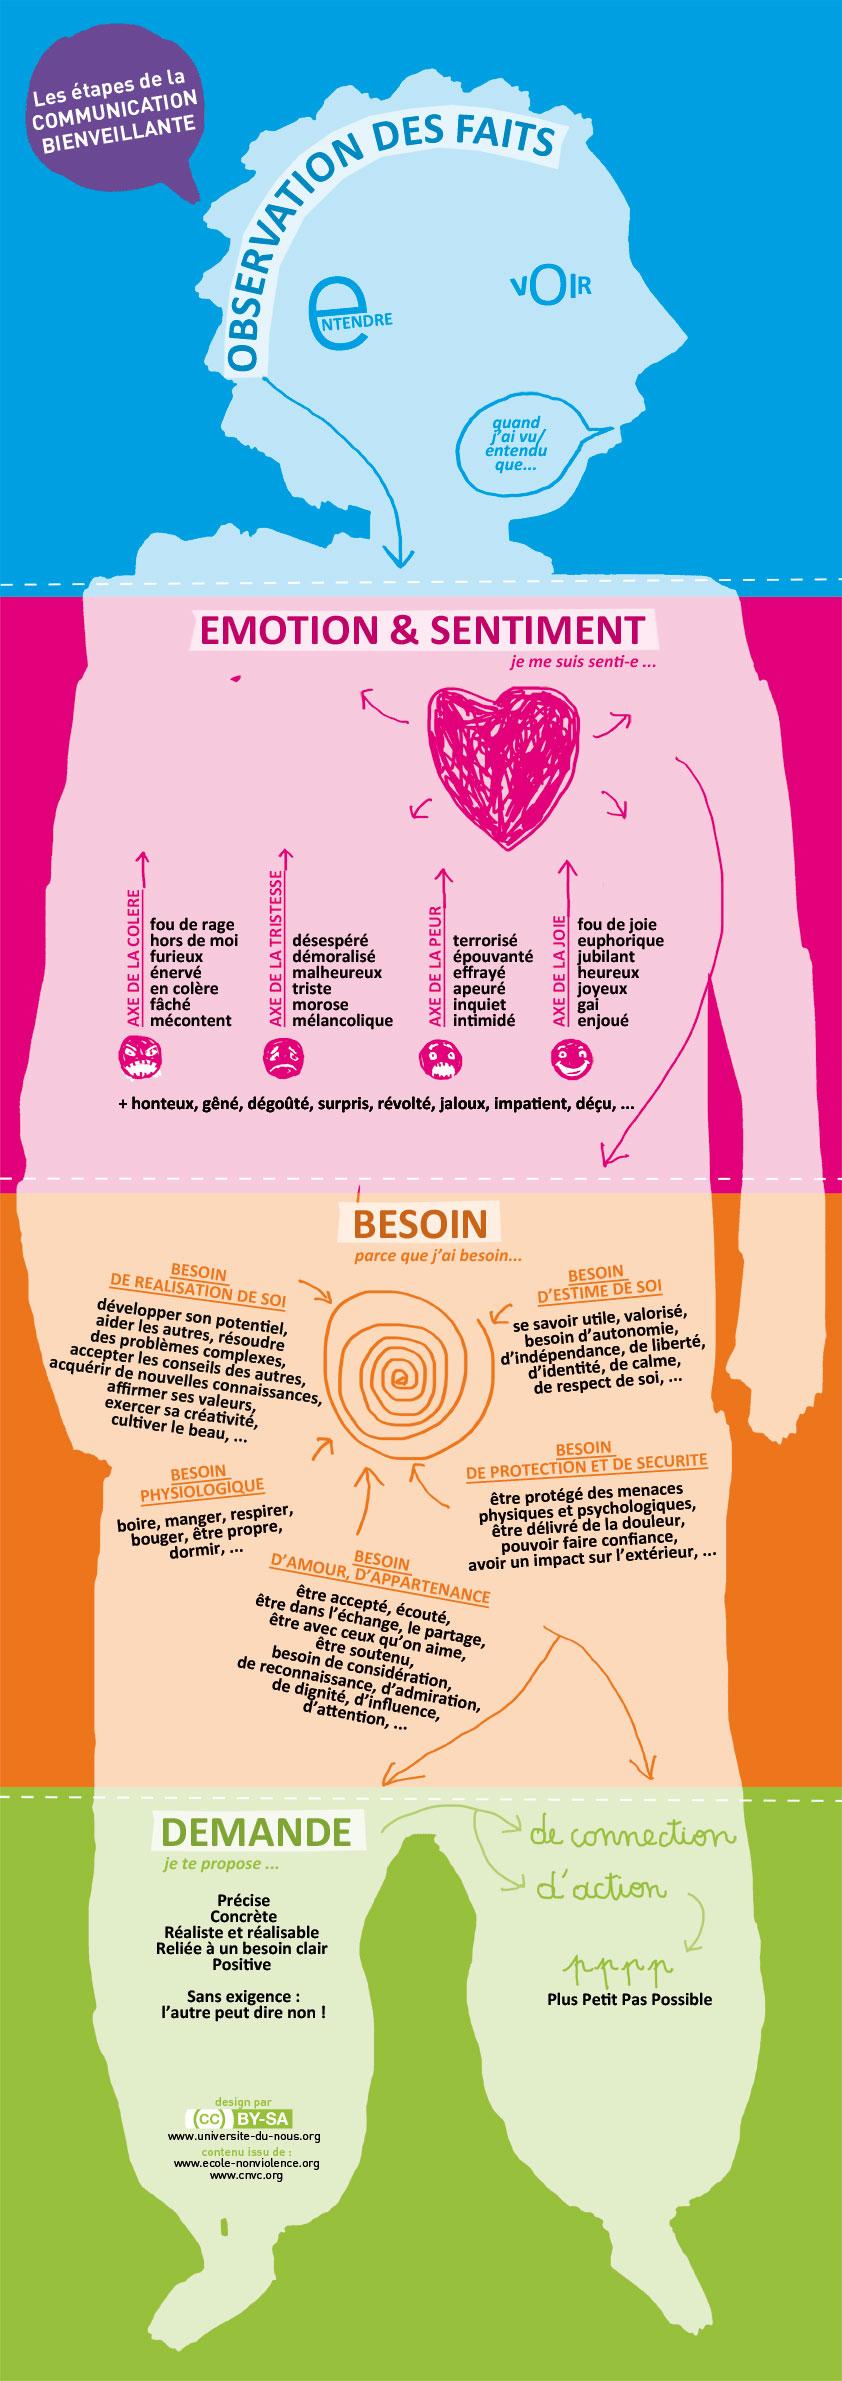 4 étapes de la communication non violente